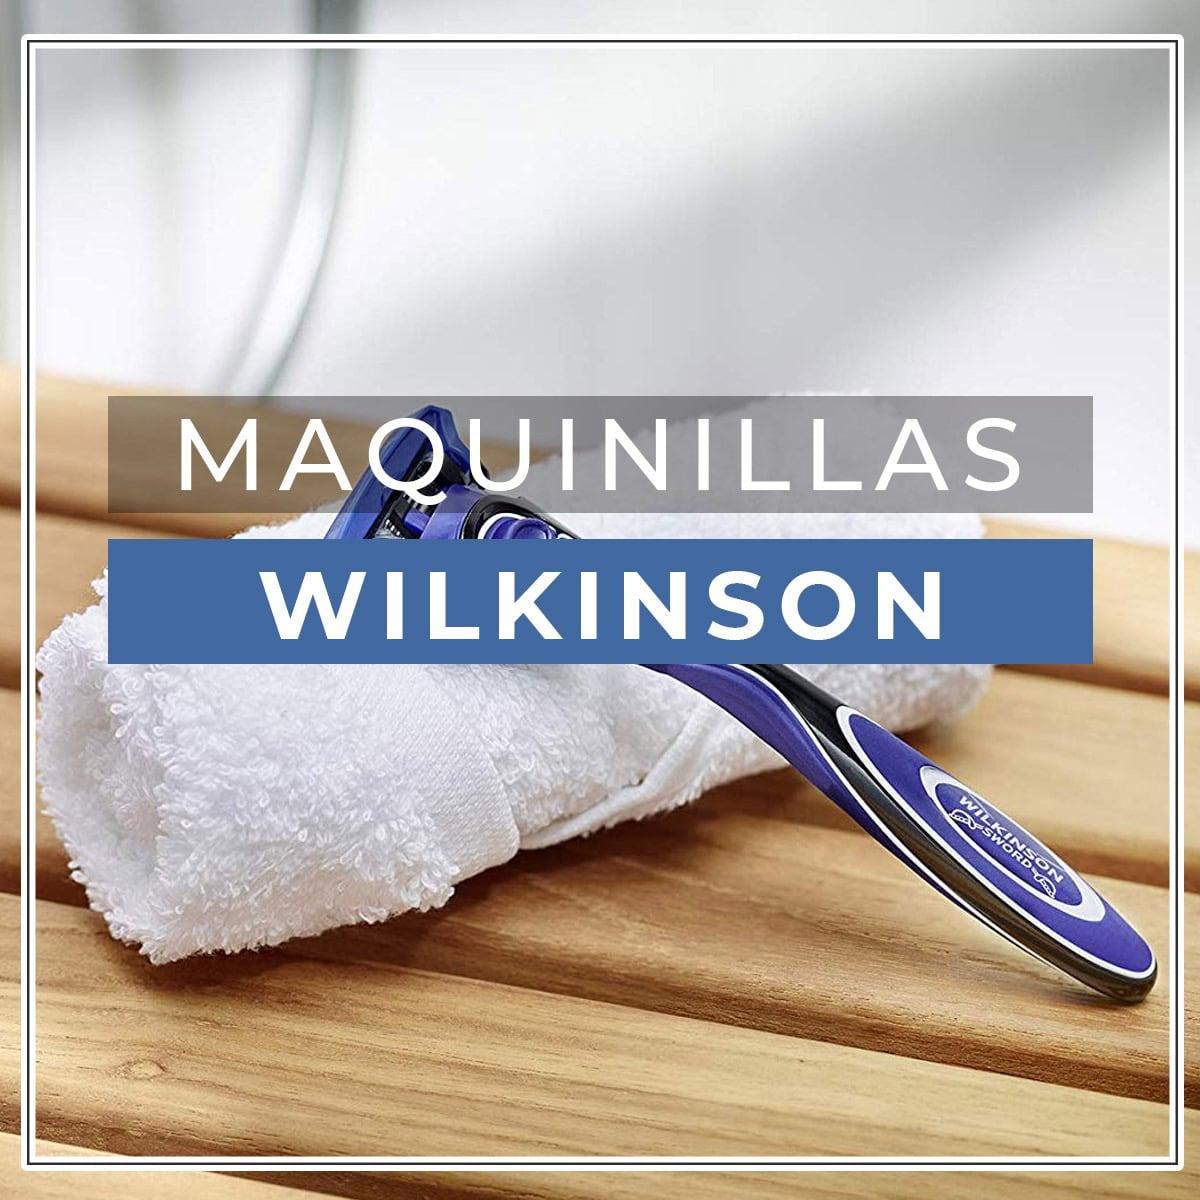 maquinillas wilkinson